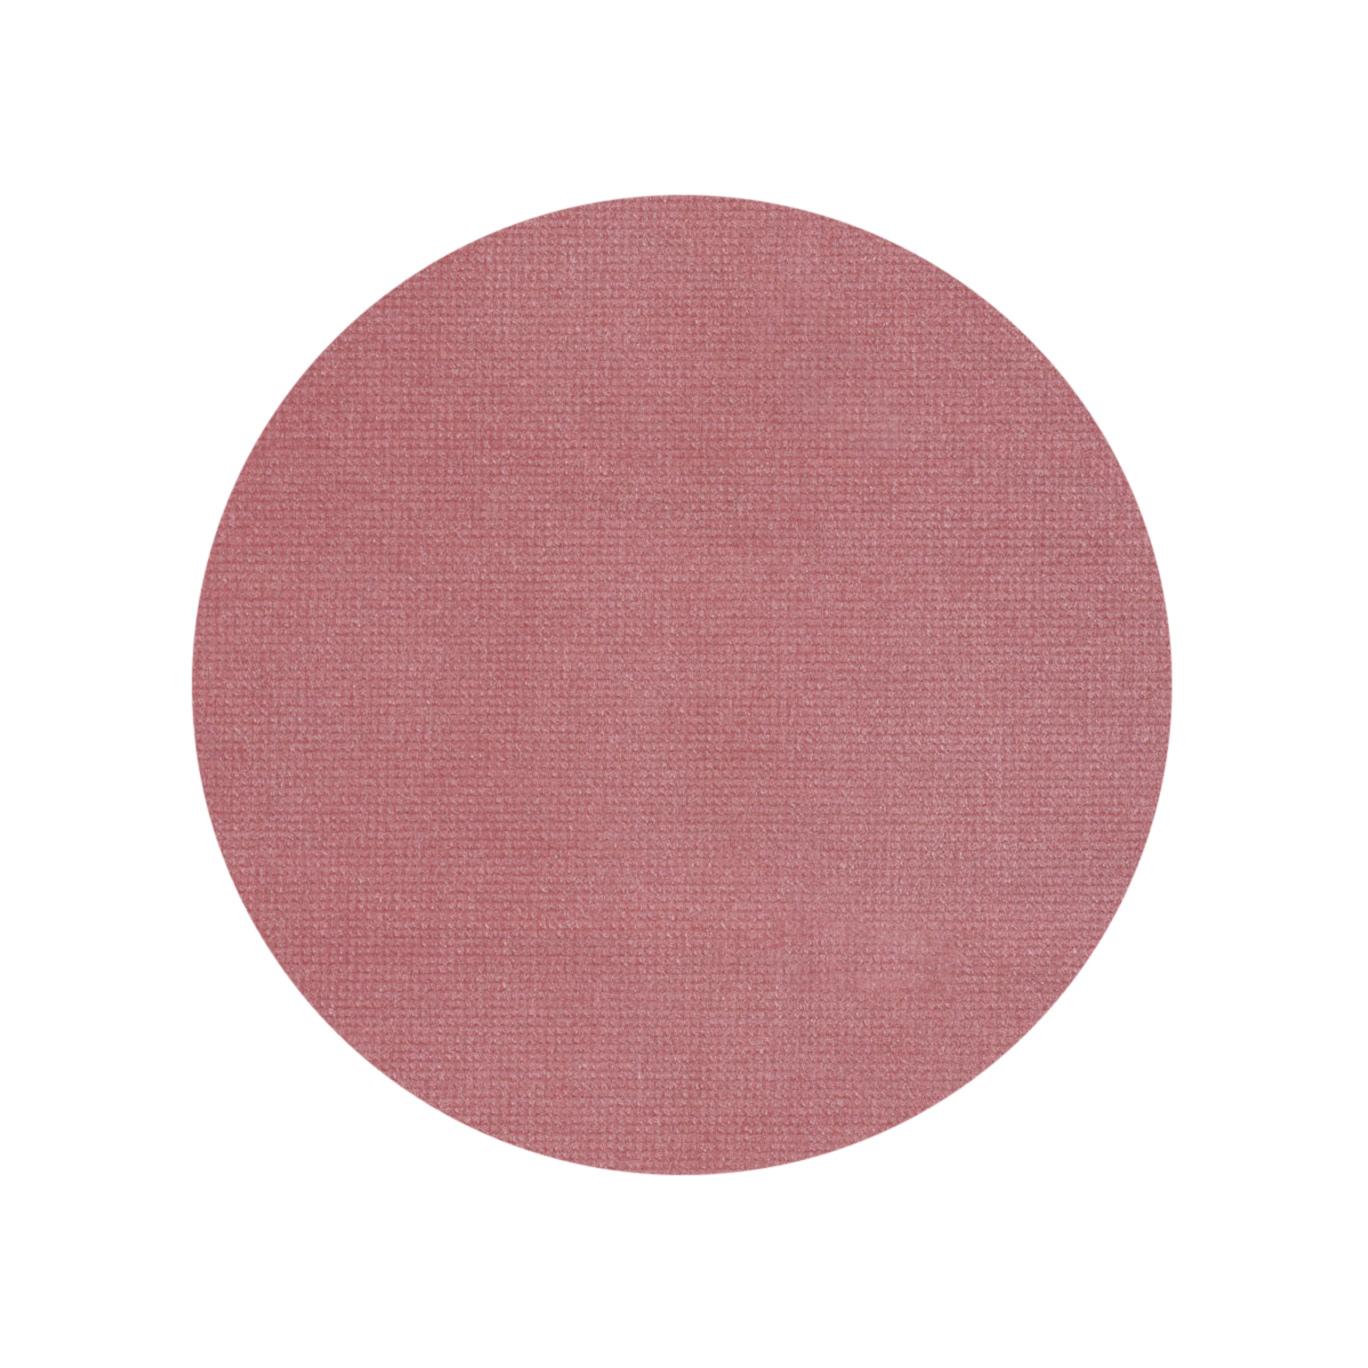 Astor Velvet - Pink Grapefruit